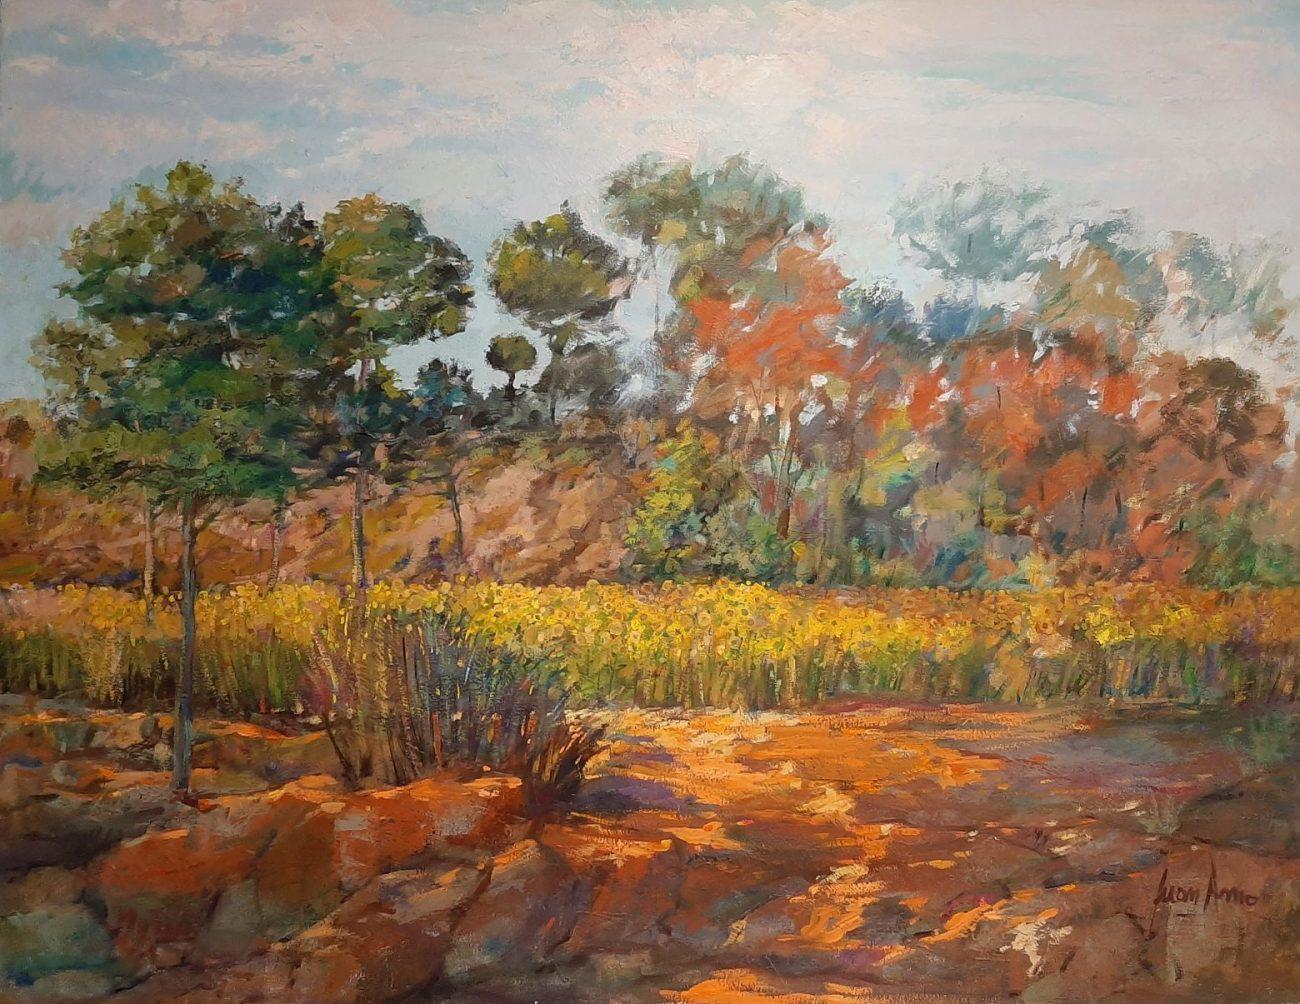 Juan Amo. (1996). Girasoles. Óleo - Lienzo. 89 x 116. Colección Privada.